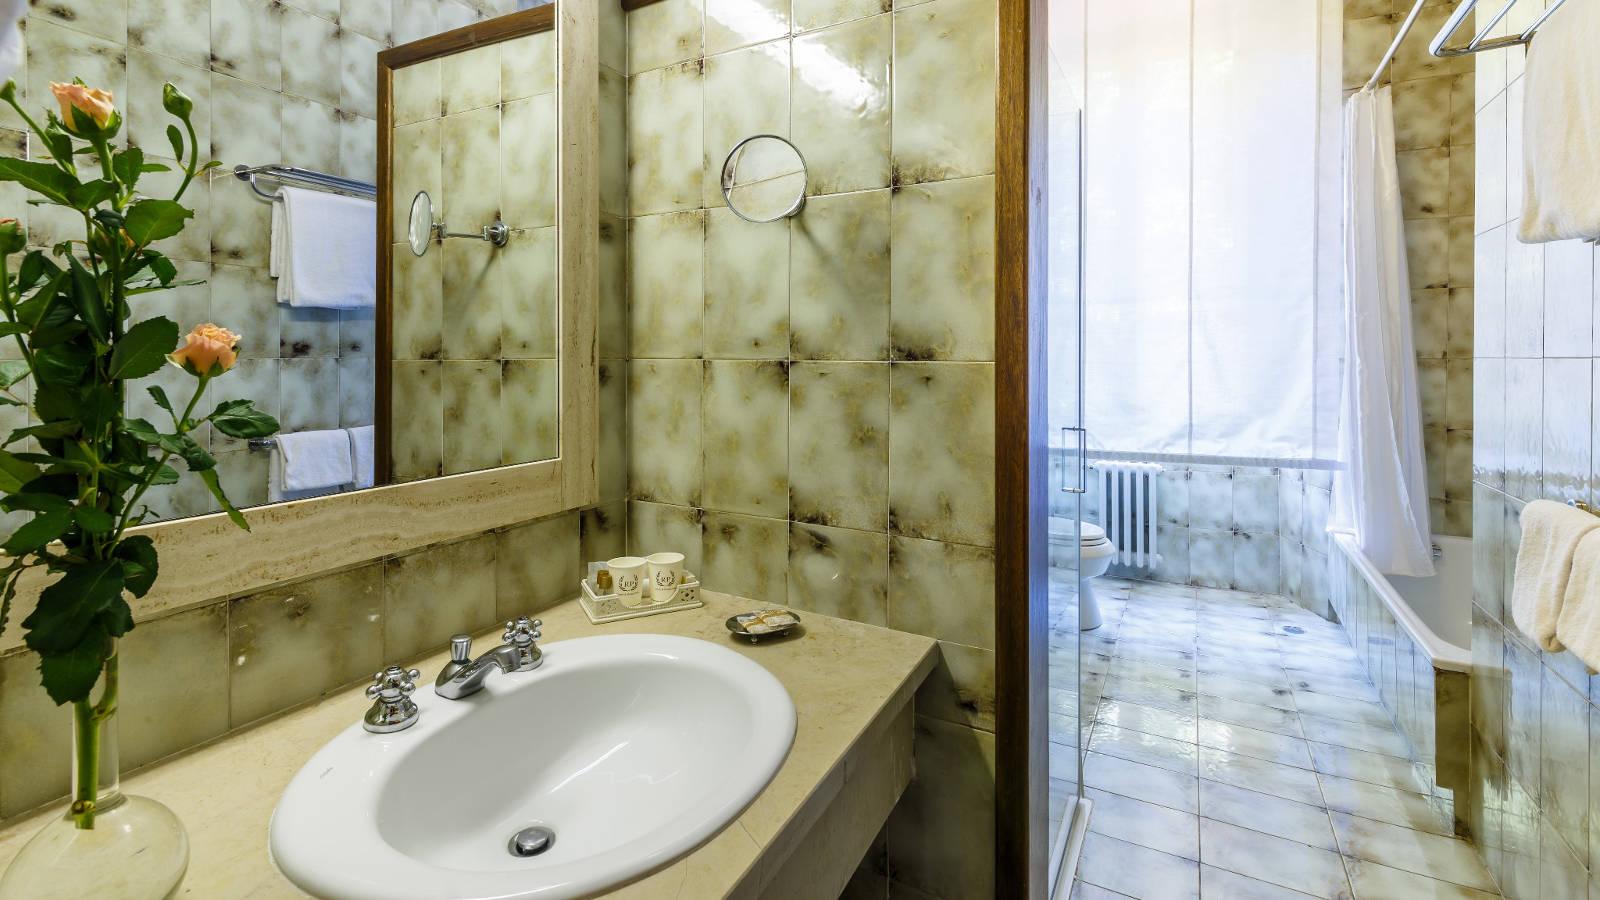 Camere hotel villa delle rose rp hotels - Bagno alla francese ...